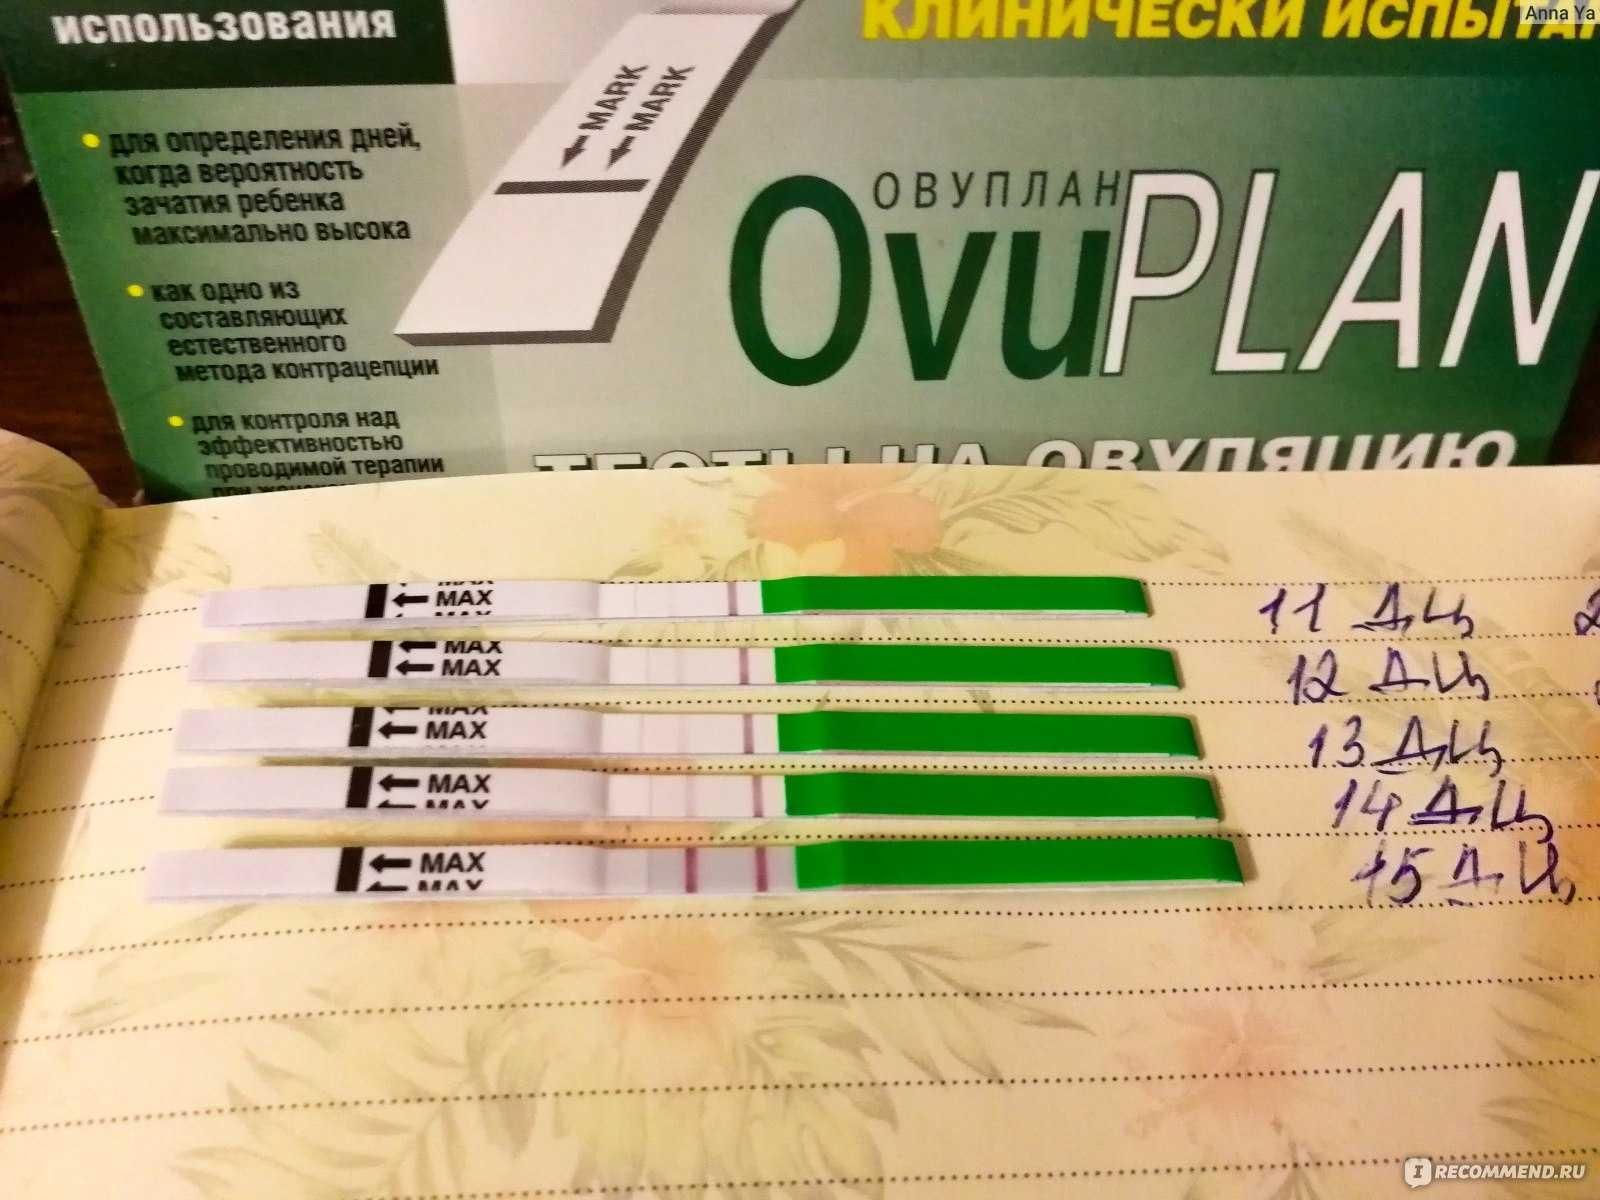 Инструкция по применению теста на овуляцию «эвиплан» при планировании беременности